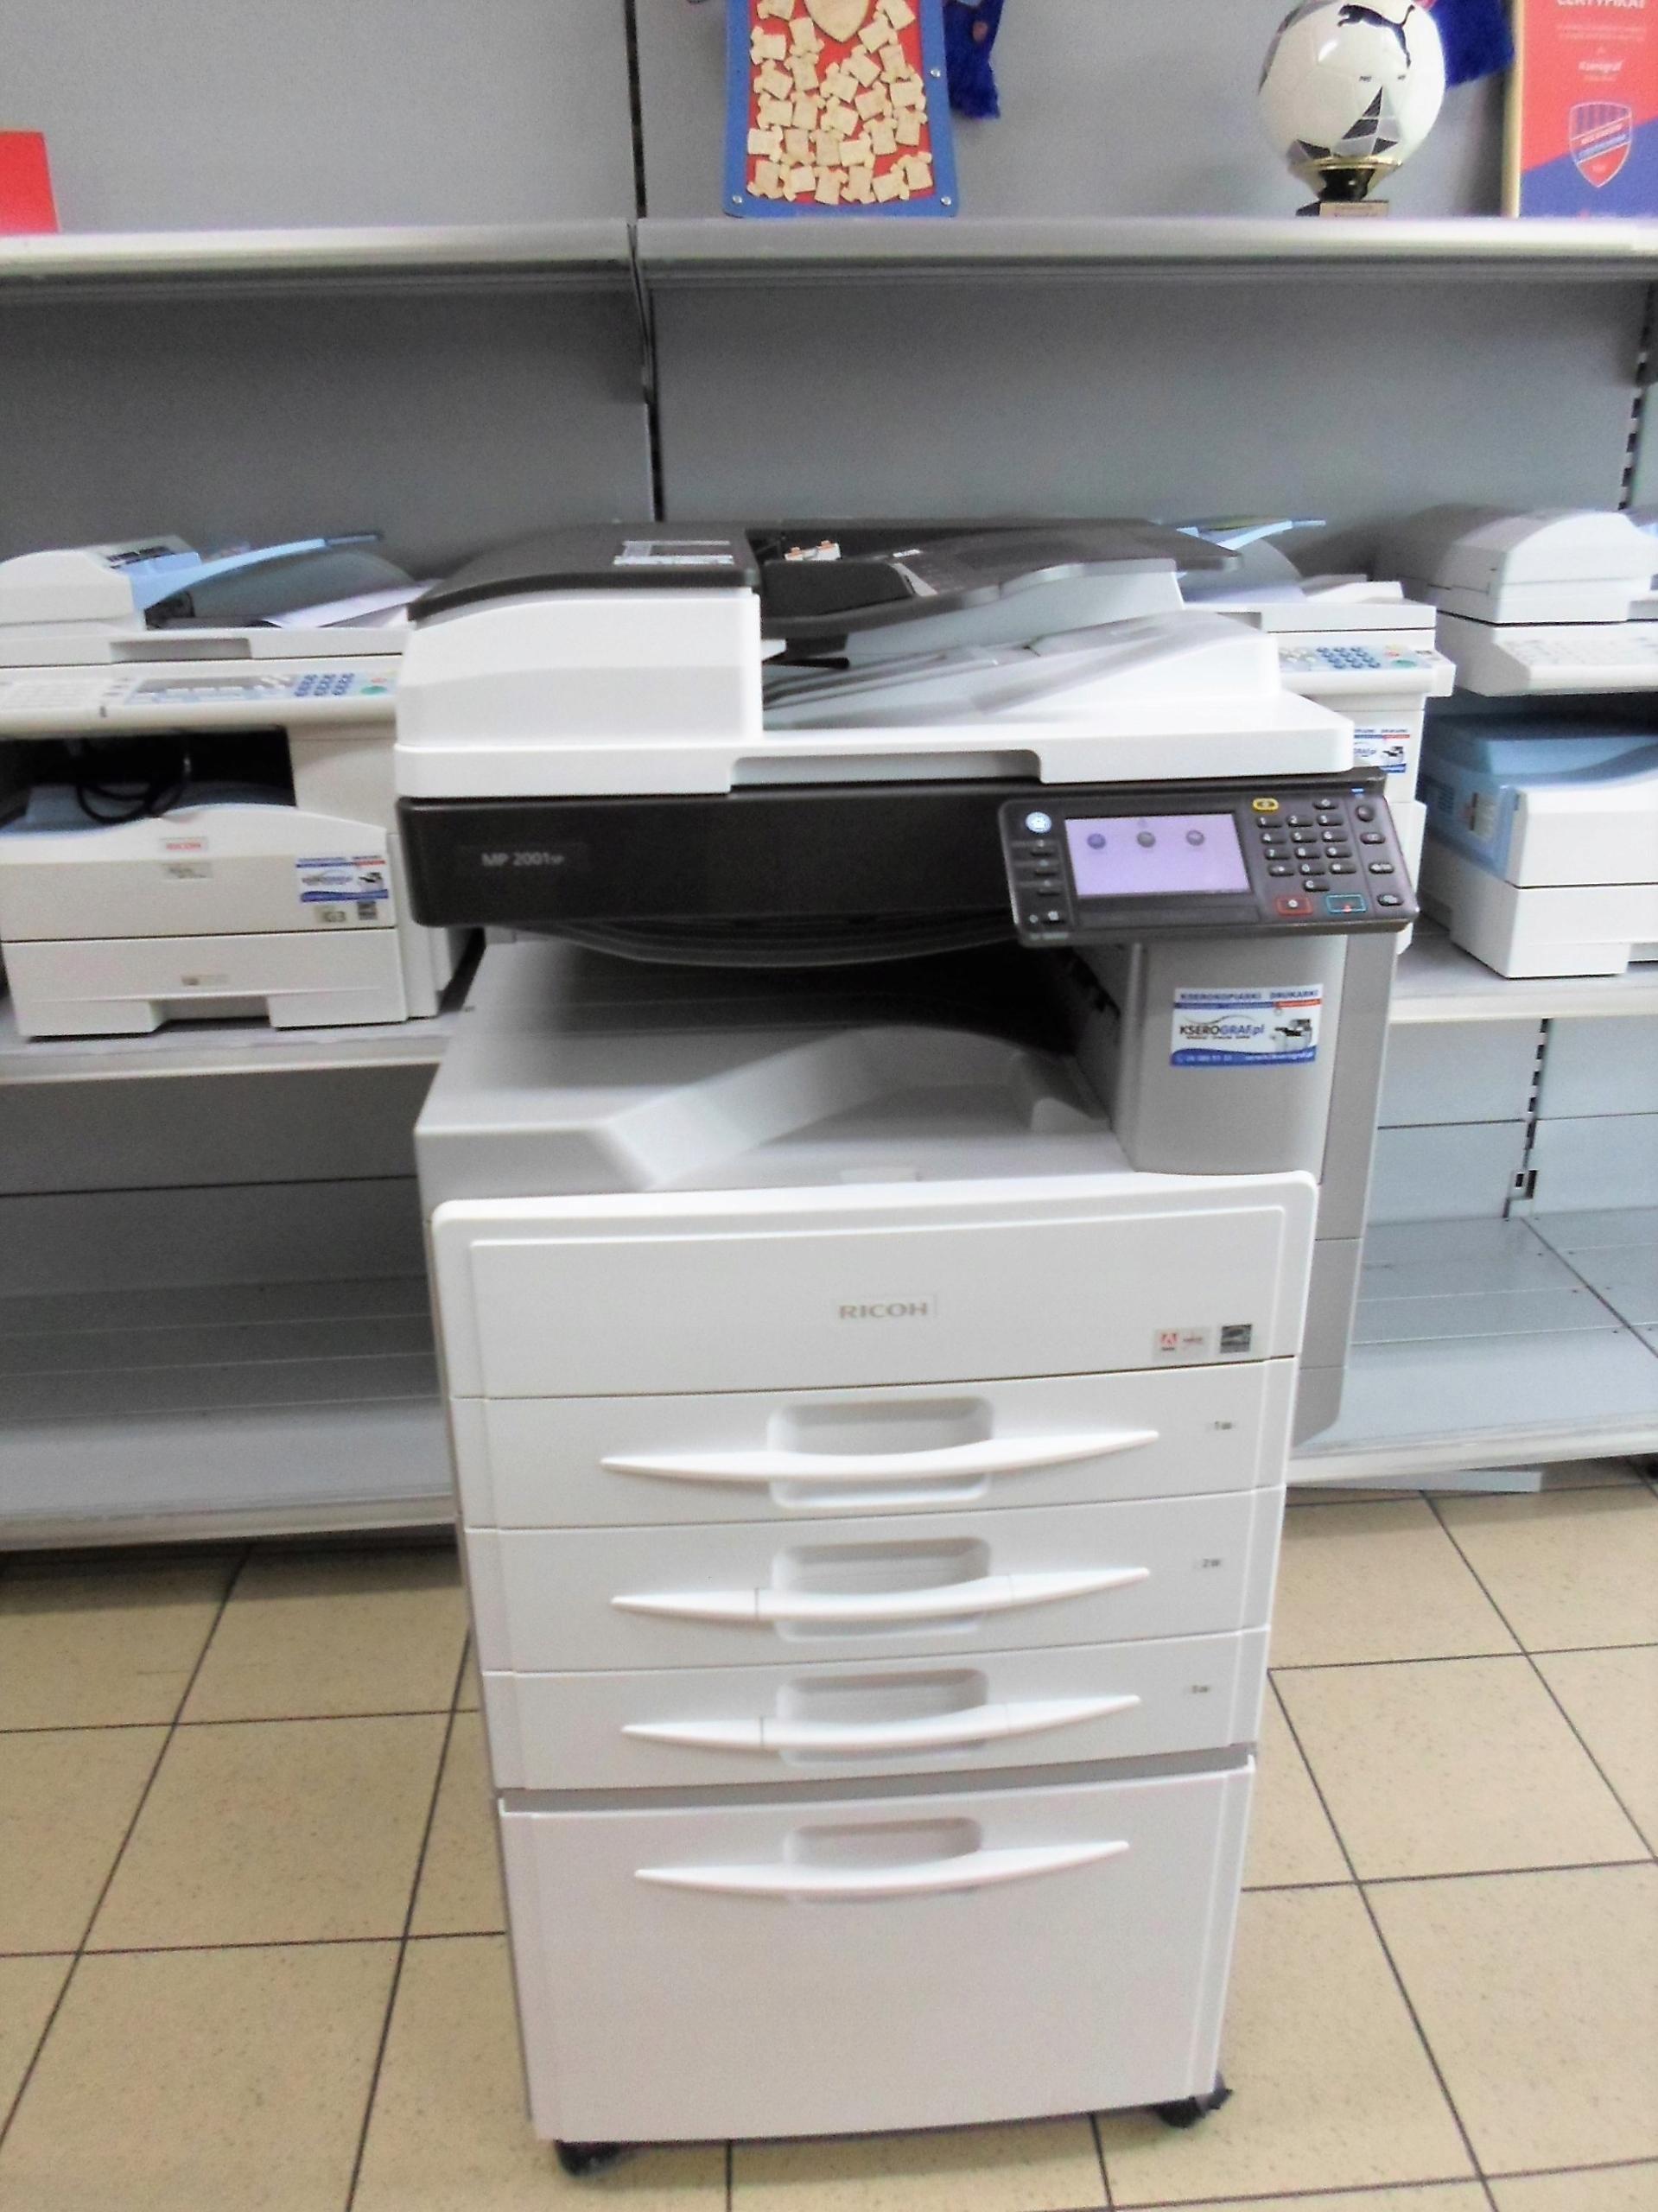 Kserokopiarka drukarka Ricoh MP 2001 Licznik: 78